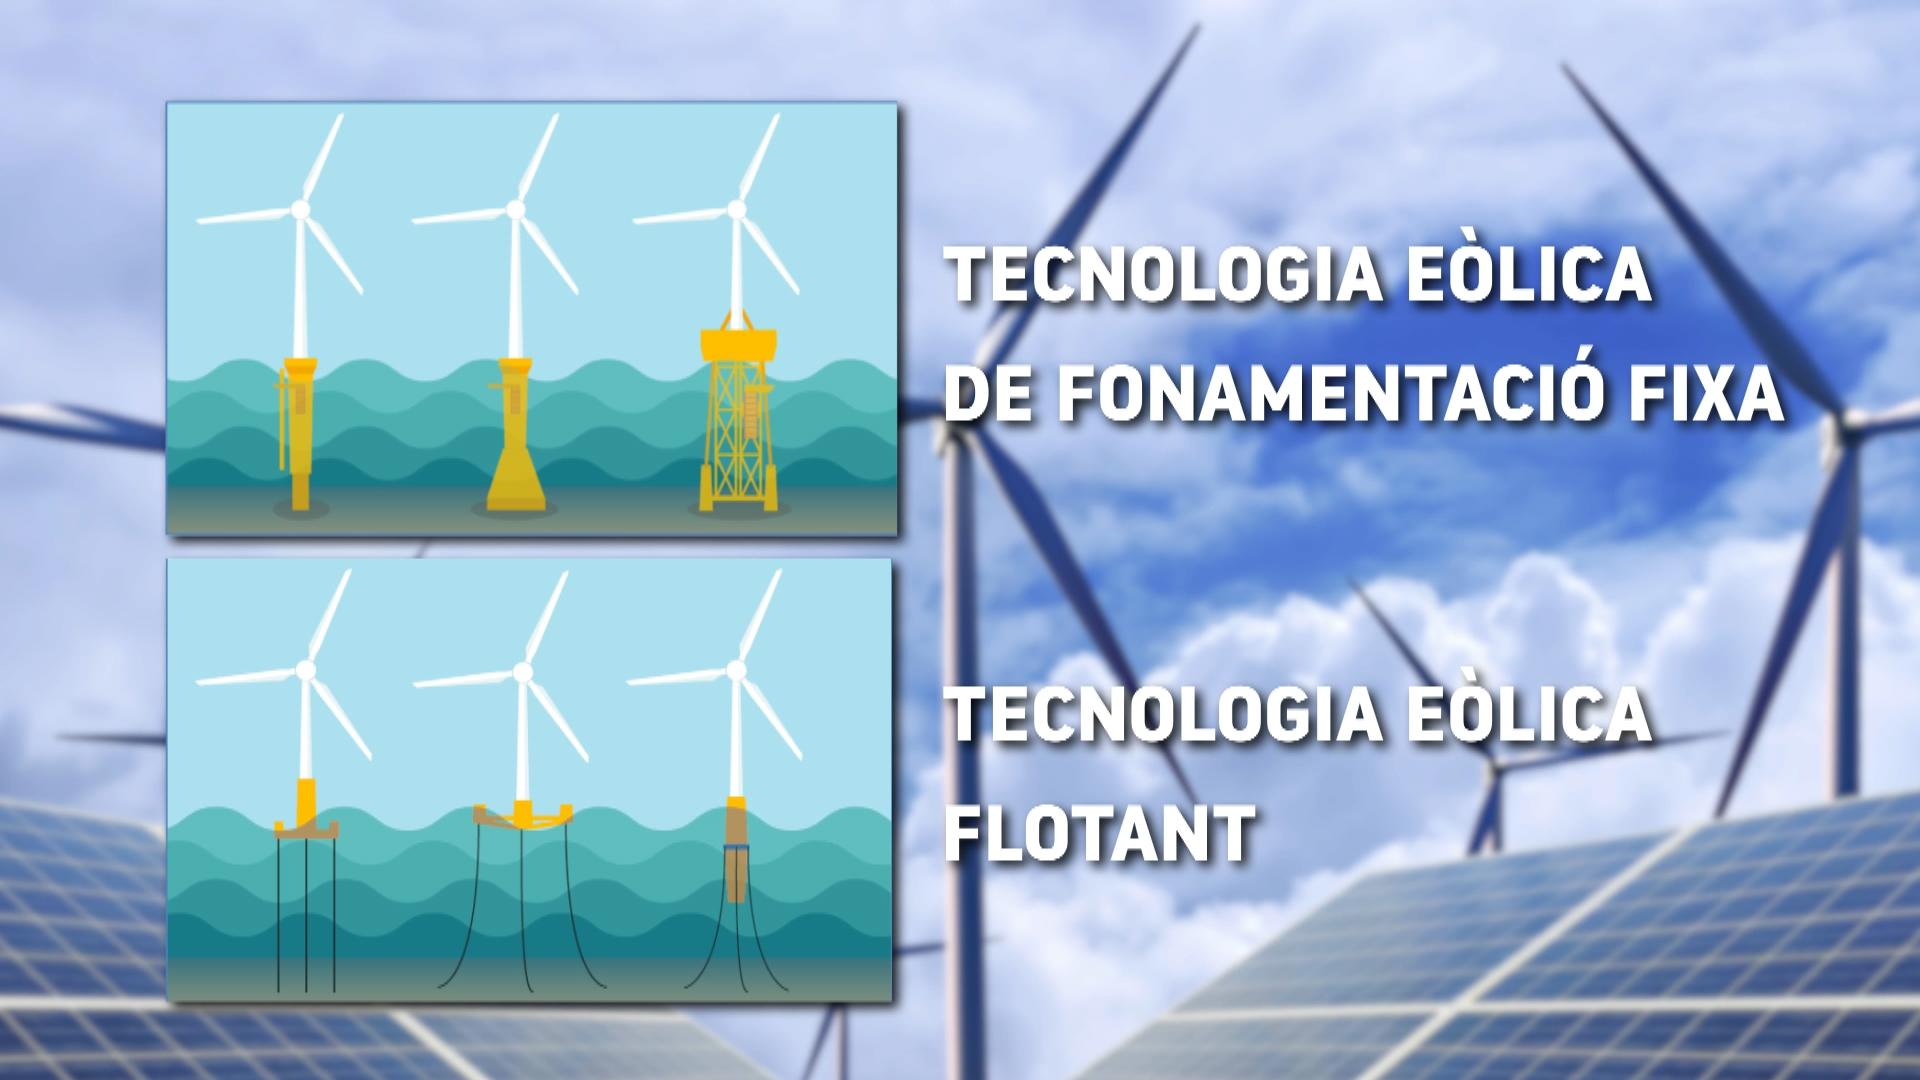 Menorca+entra+en+l%26apos%3Bagenda+de+l%26apos%3BEstat+per+poder+acollir+molins+marins+flotants